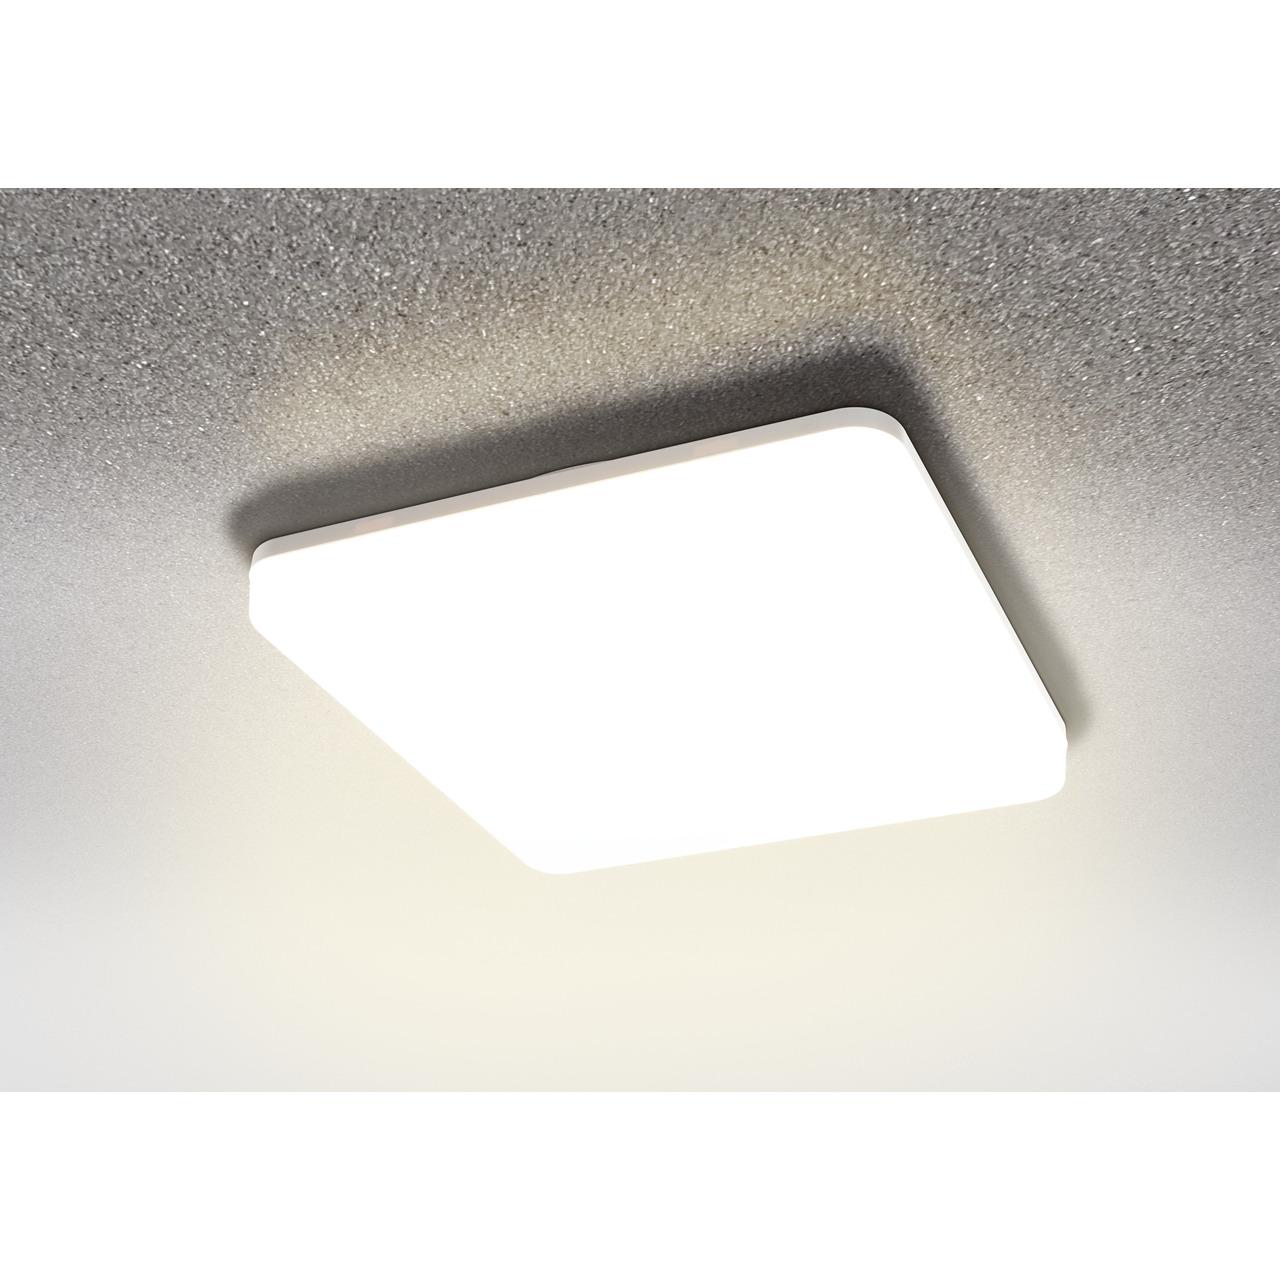 HEITRONIC 24-W-LED-Decken-Wandleuchte Pronto mit Bajonett-Anschluss- eckig- warmweiss- IP54